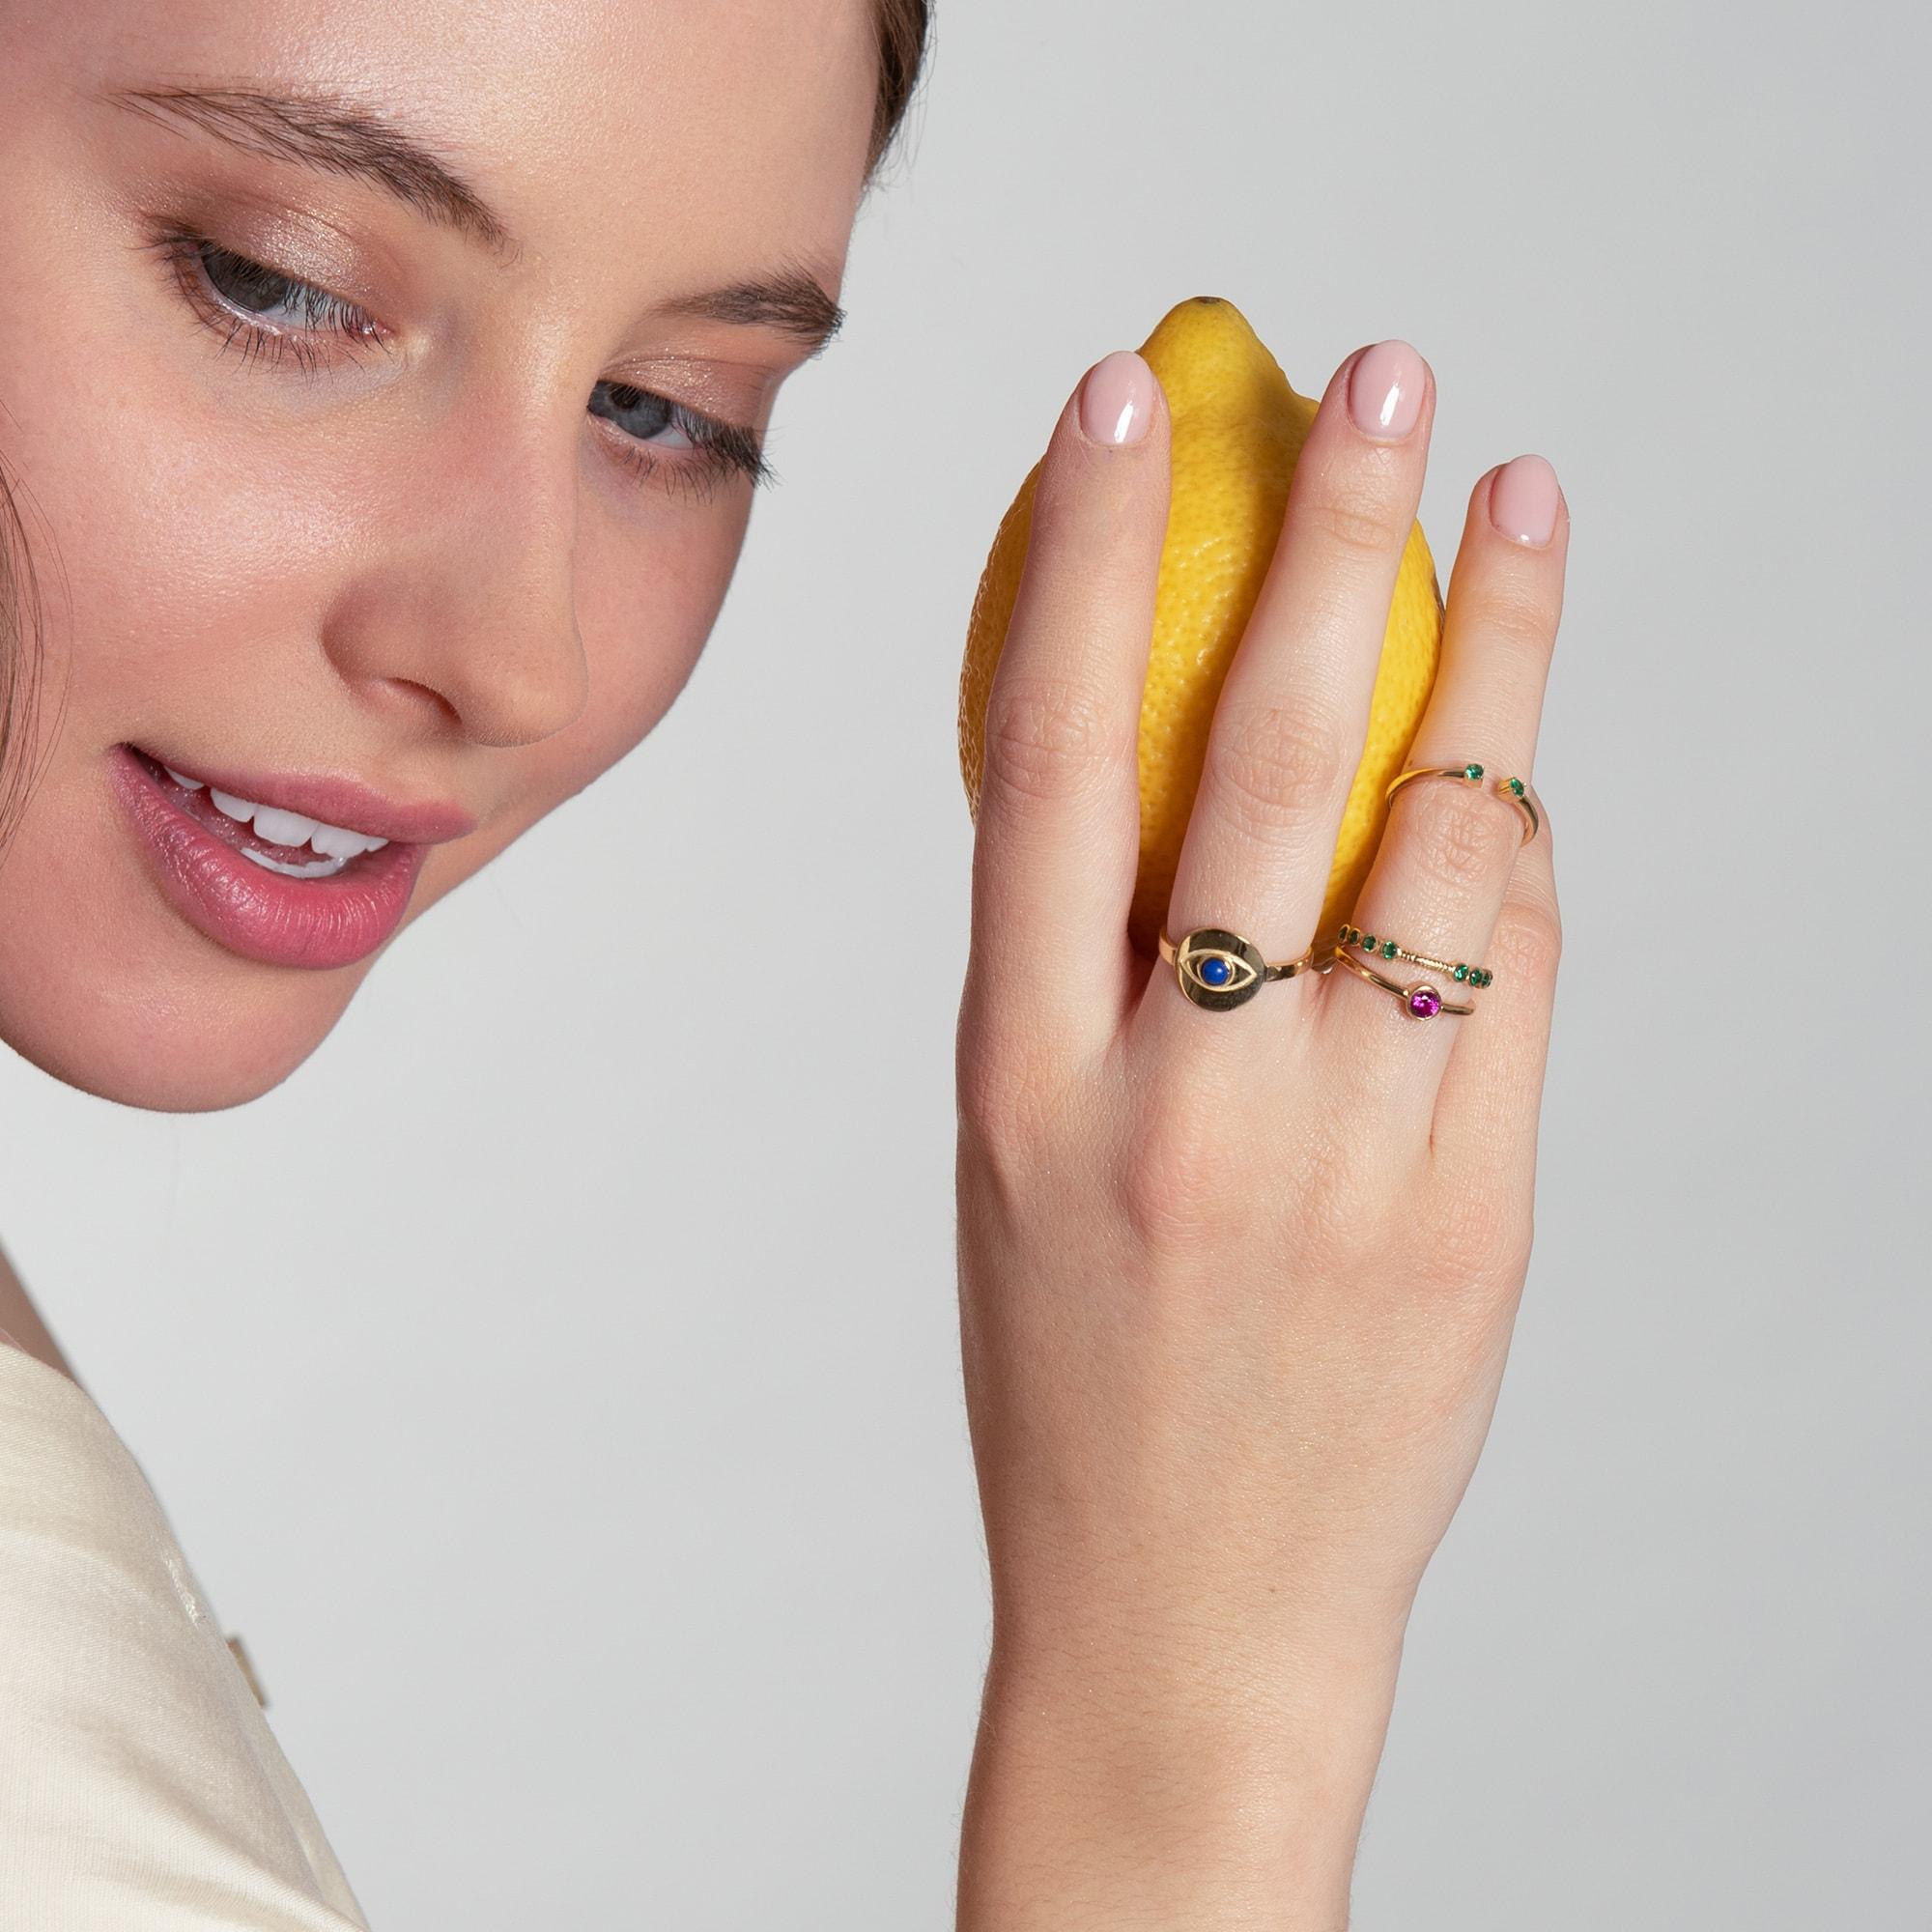 Tânără cu lămâie în mână și cu inele pe degete